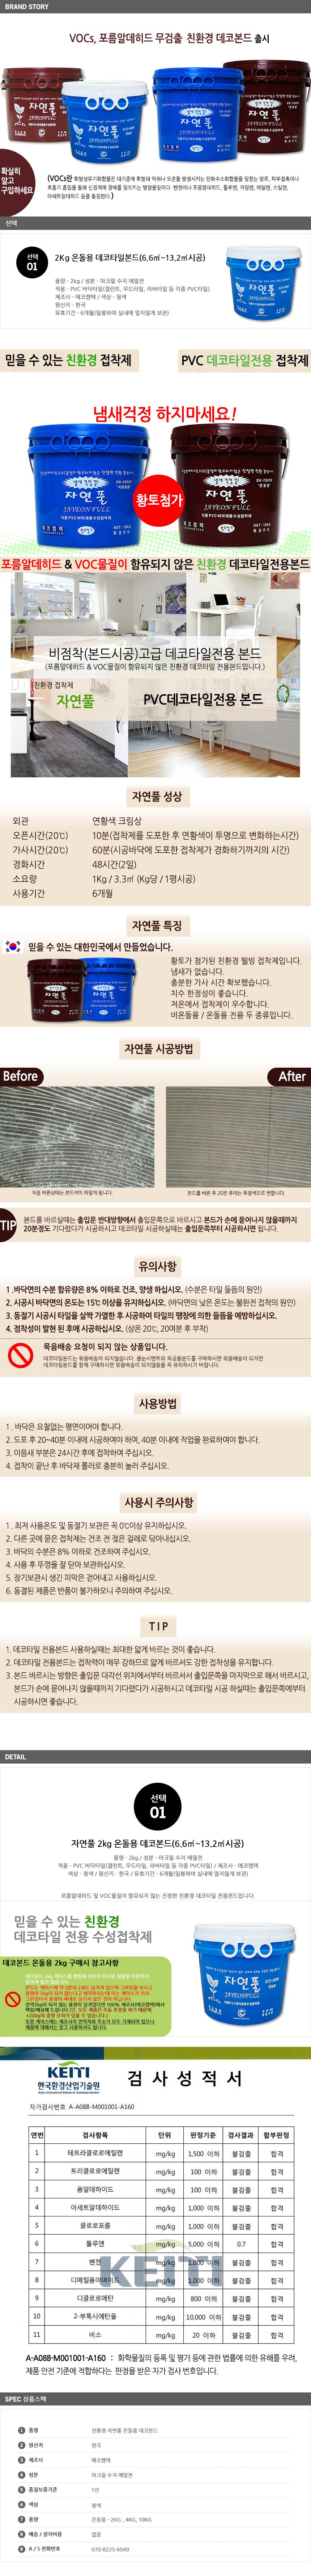 친환경 온돌용 데코본드 2kg - 하나리빙데코, 12,000원, 장식/부자재, 부자재